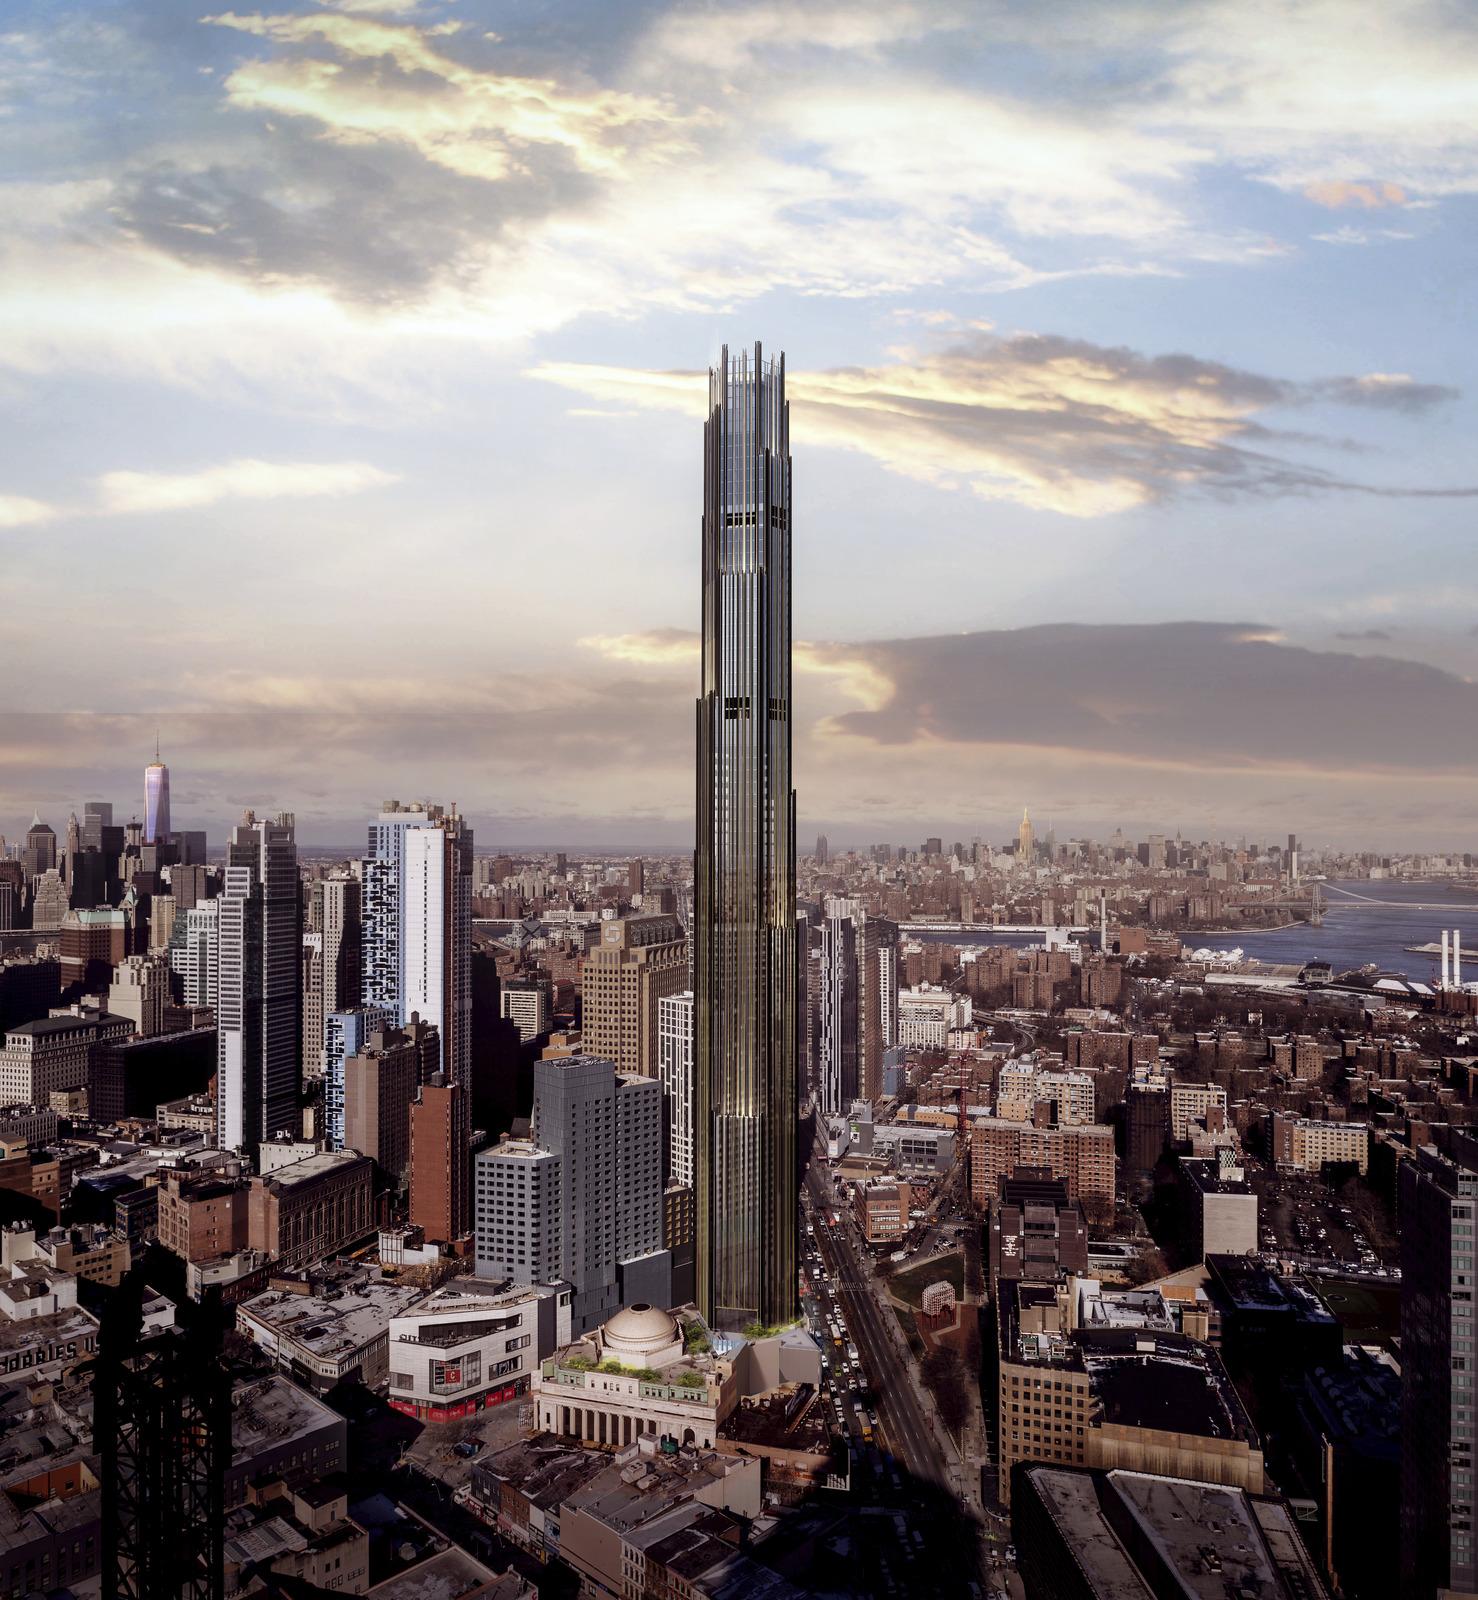 ▲ 9 Dekalb Avenue는 브루클린에서 가장 높은 건축물로, 그 높이가 무려 325m에 달한다고 합니다.  시공 과정에서 유니티의 '유니티 리플렉스' 솔루션이 활용되었어요. ©SHoP Architects